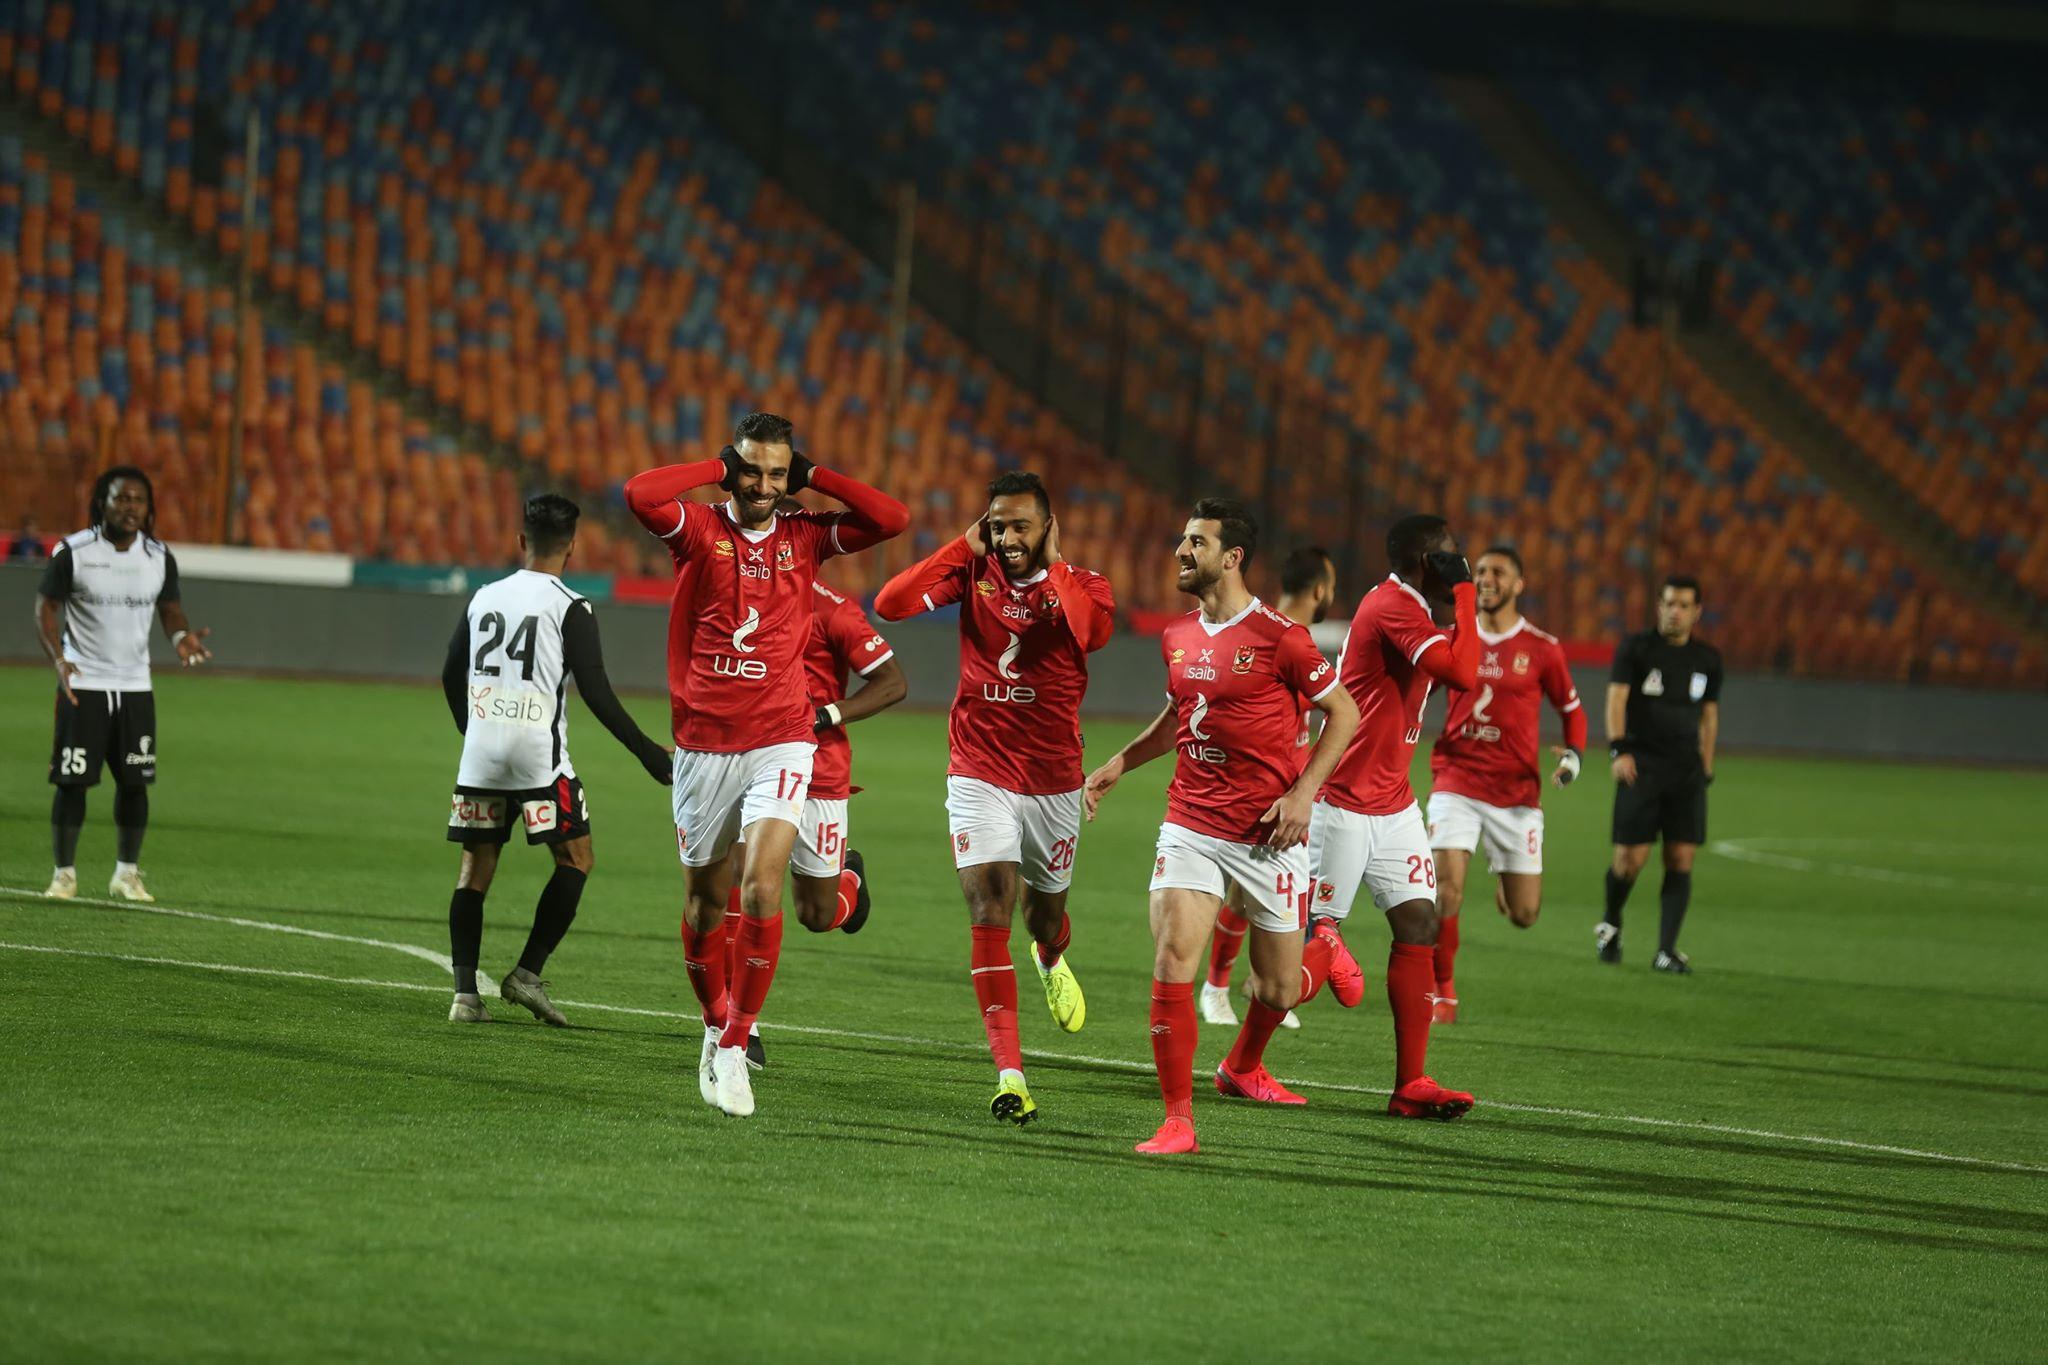 جدول ترتيب الدوري المصري بعد انتهاء مباراة الأهلي وغزل المحلة